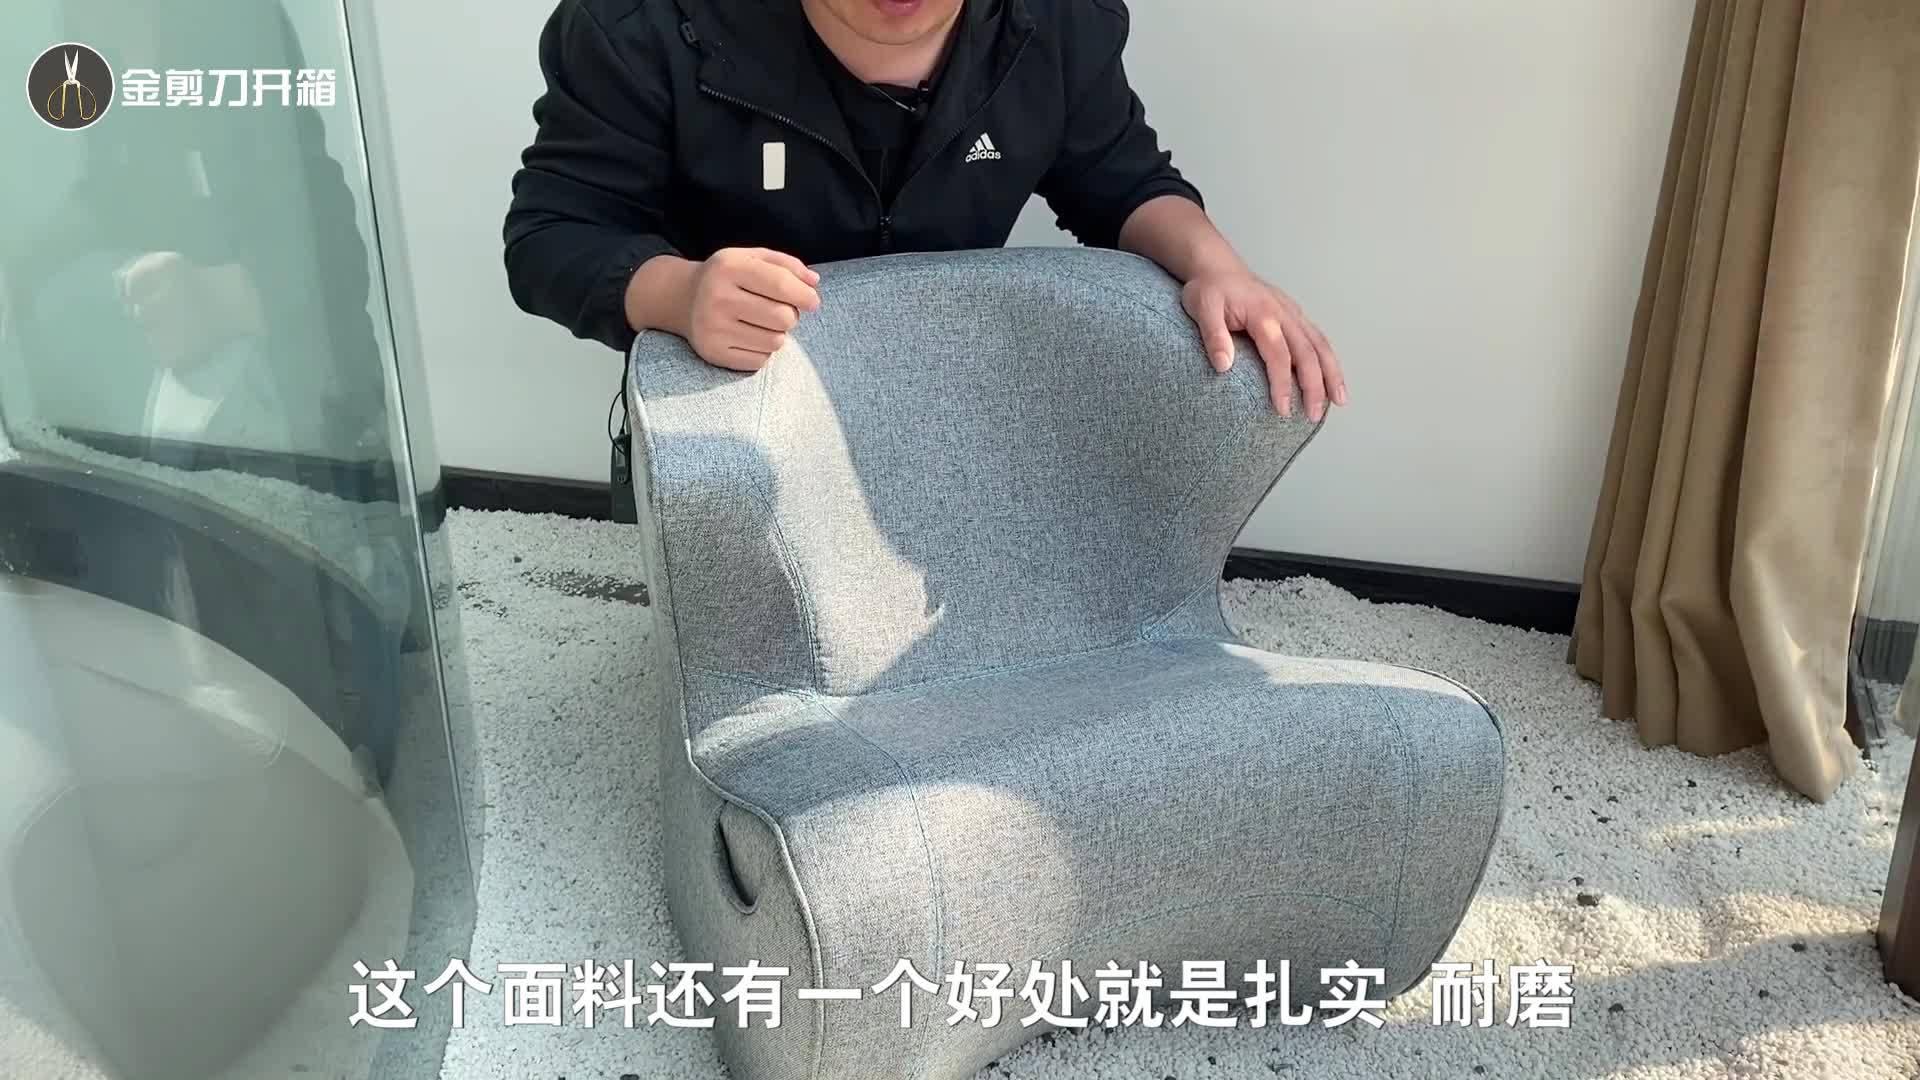 开箱499元小米护腰单人沙发,只有3.65kg,到底有什么黑科技呢?